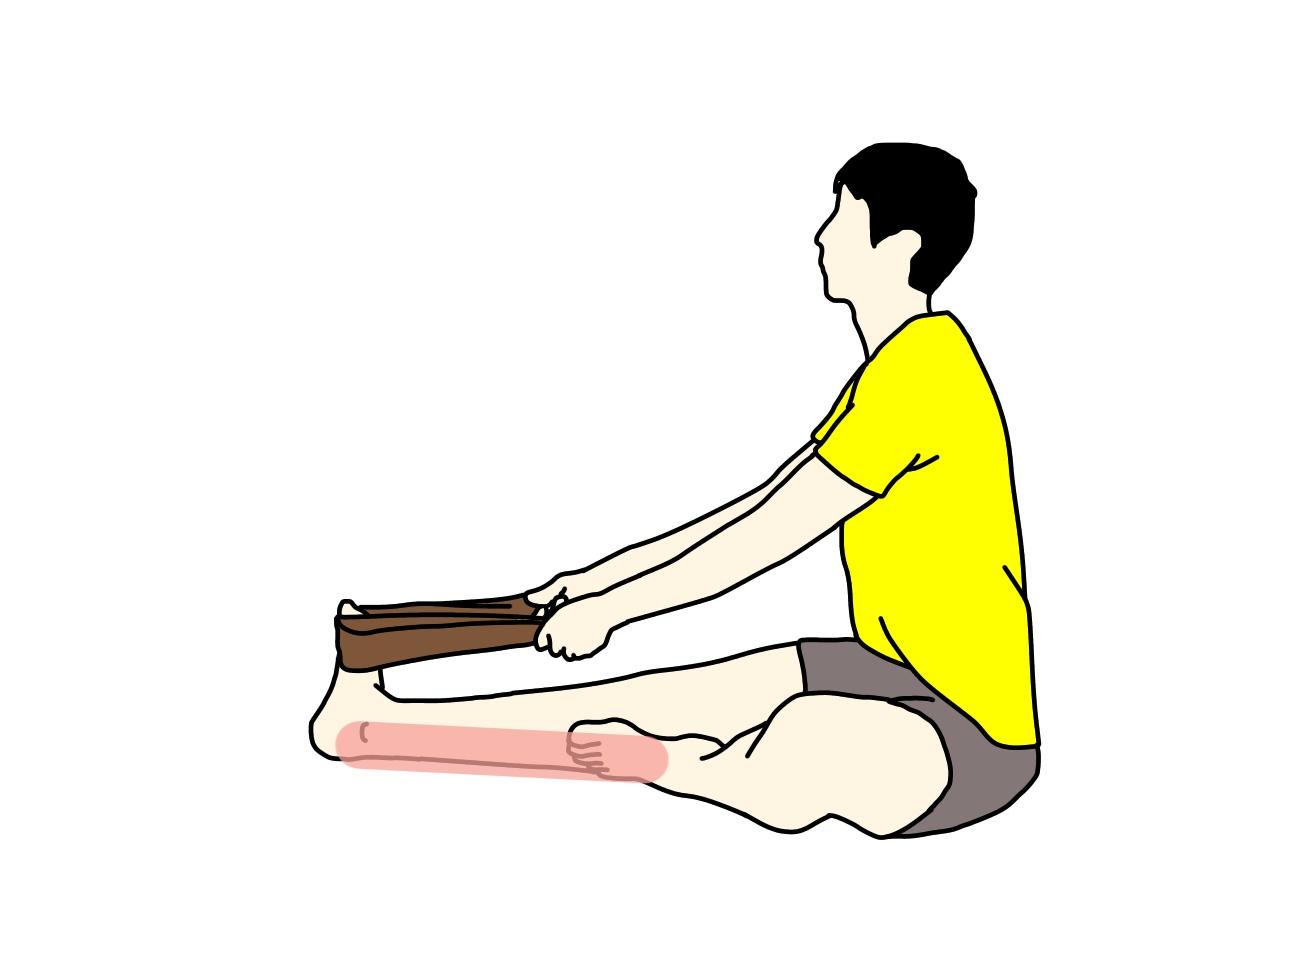 ふくらはぎ(下腿三頭筋)の筋肉の伸ばし方